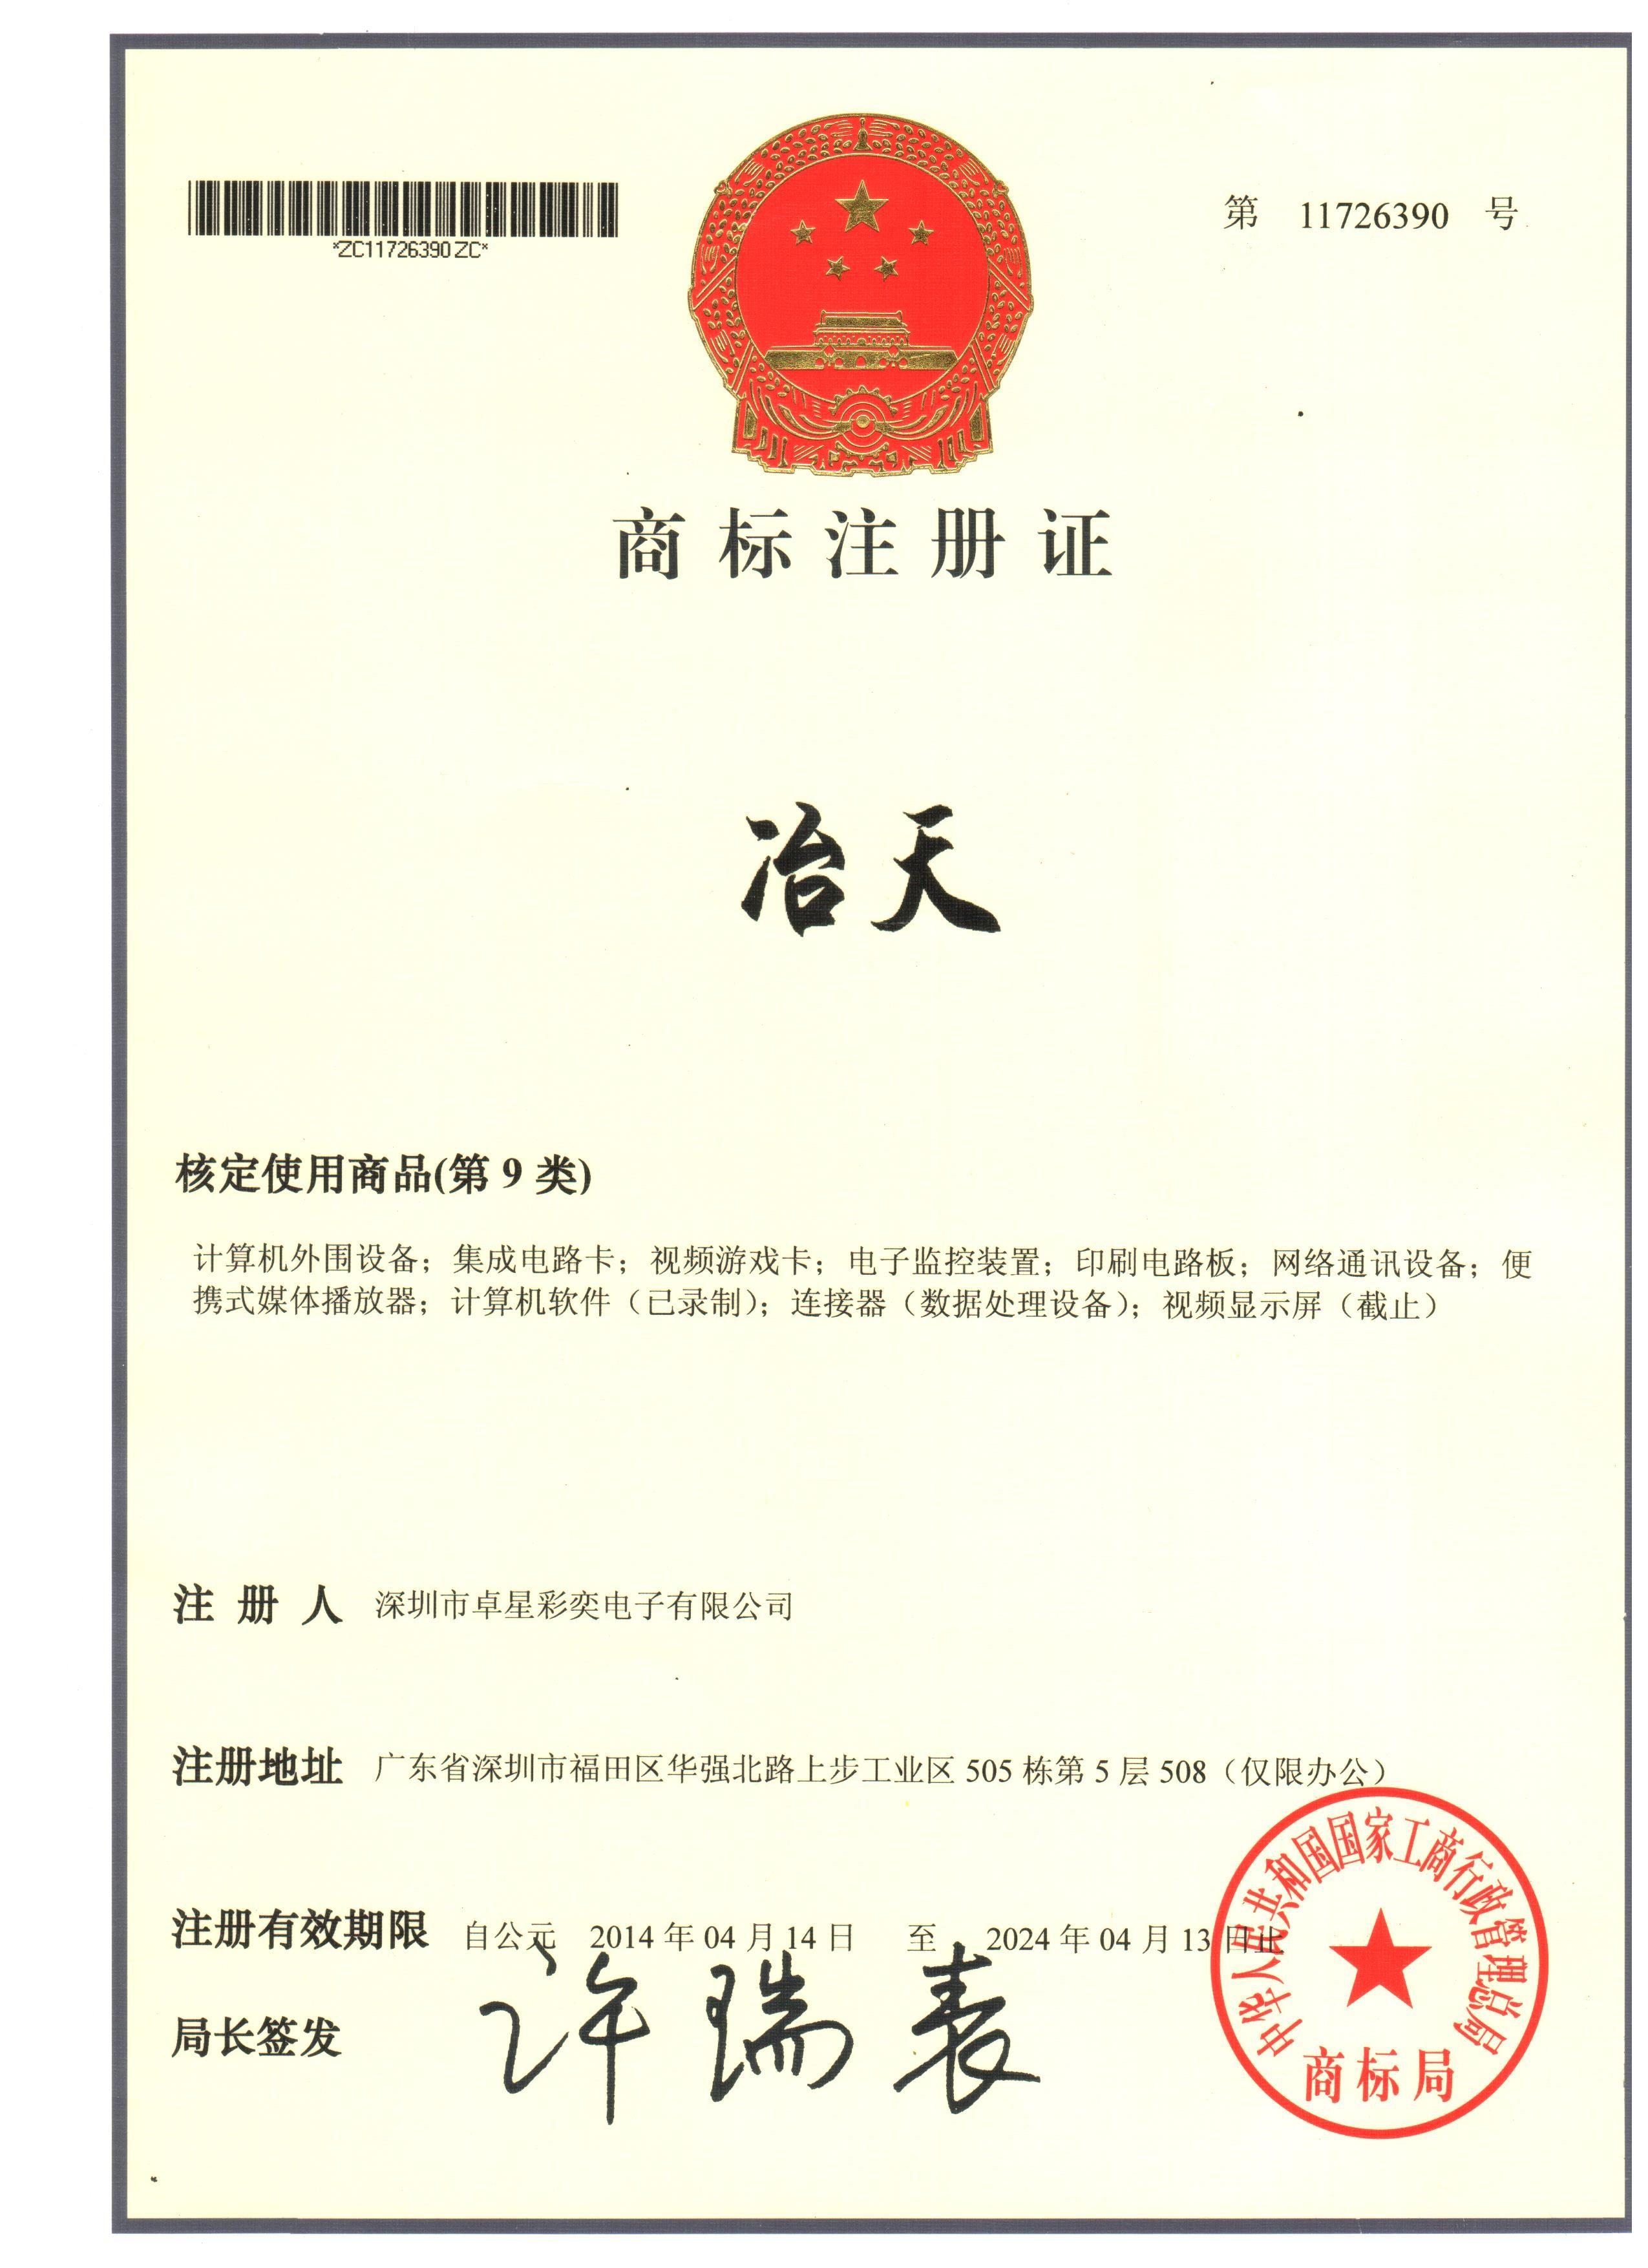 pcidv.com/冶天显卡商标所有人授权书